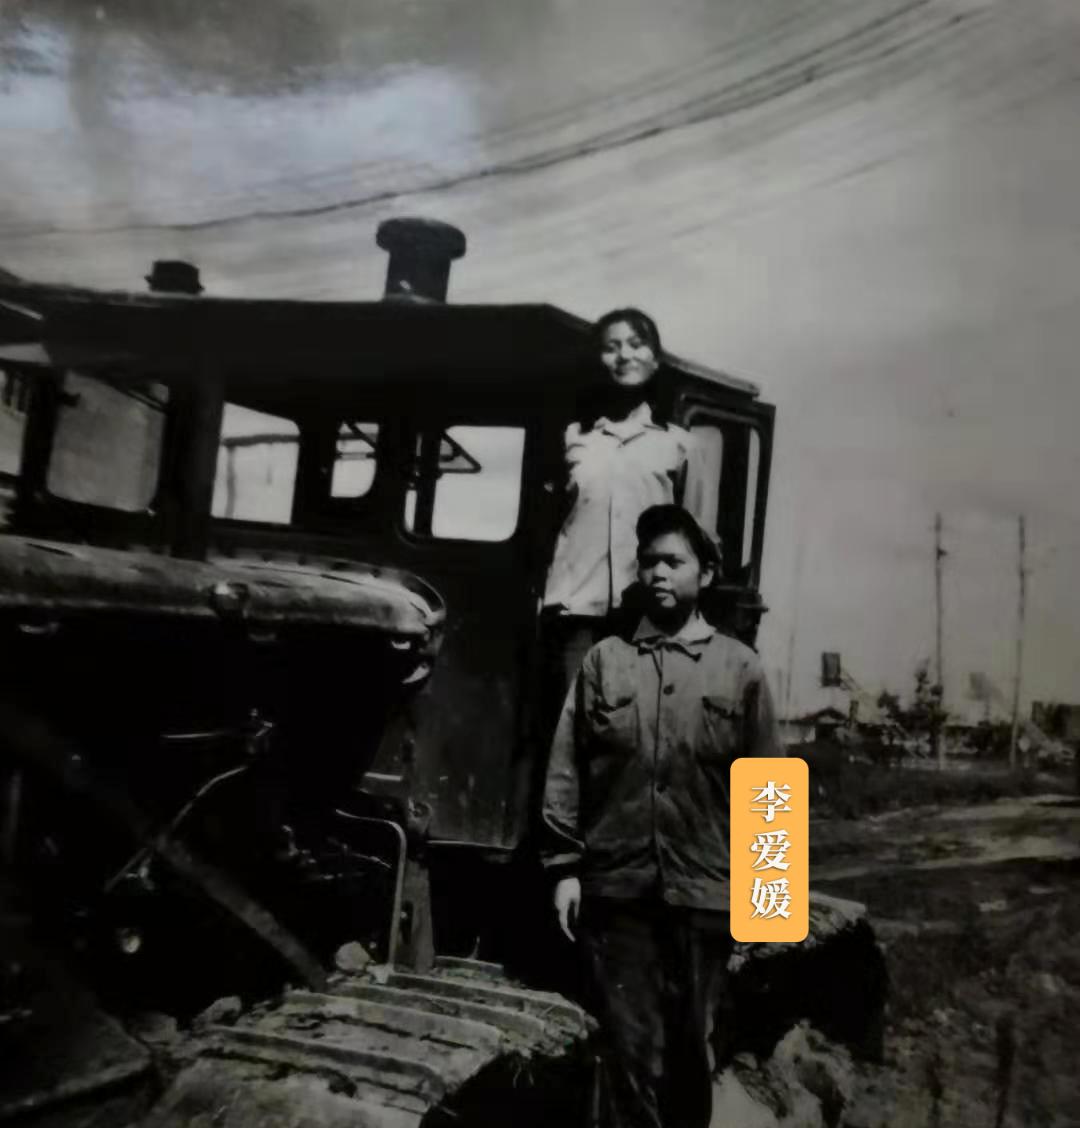 李爱媛曾经是一名光荣的女拖拉机手